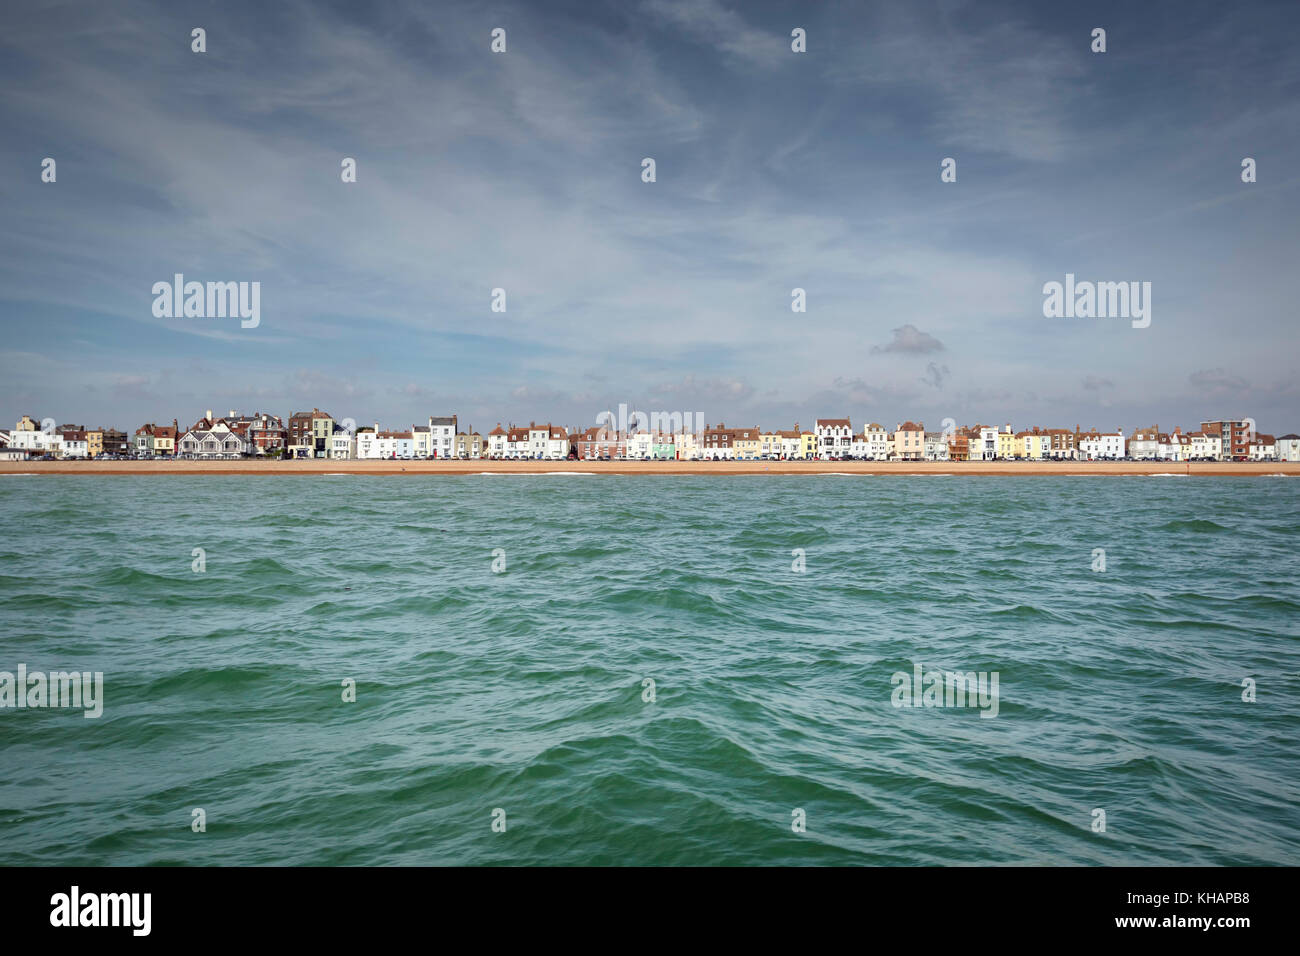 Viel Strand, Deal, Kent, Großbritannien von einem Boot auf dem Englischen Kanal. Das Meer war grün und Stockbild